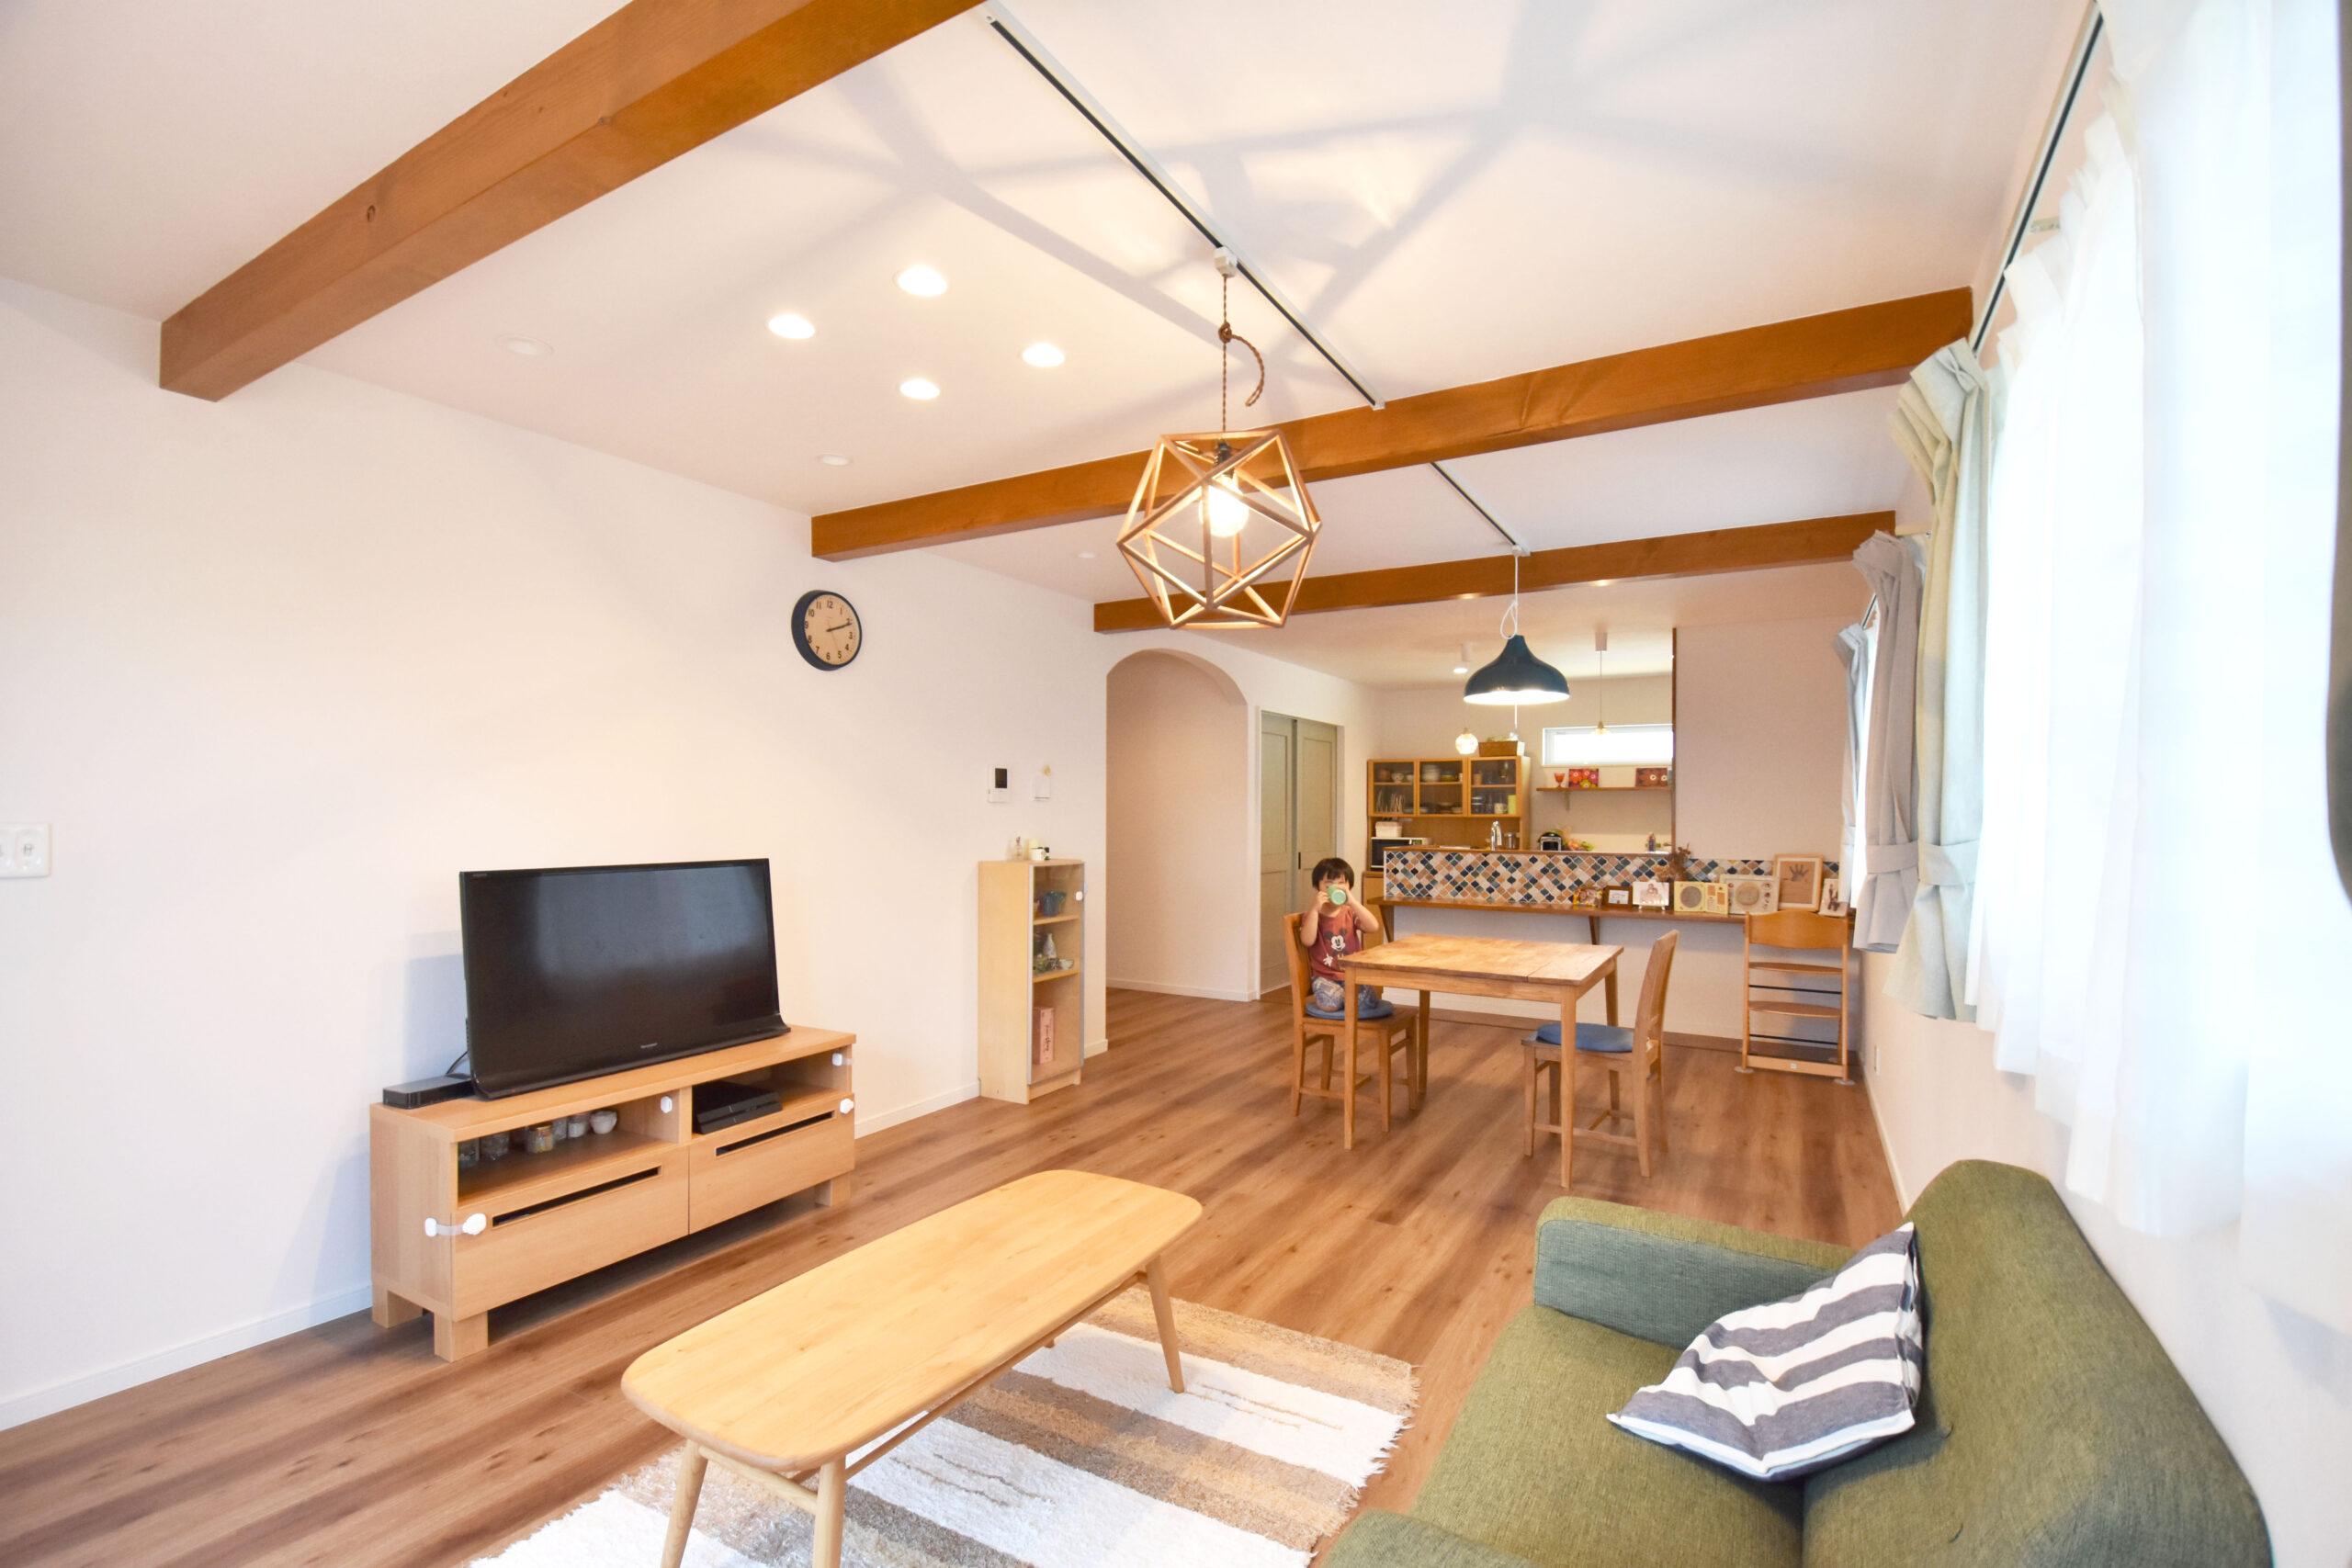 ウッドデッキがある木の温もり溢れるカフェ風の家